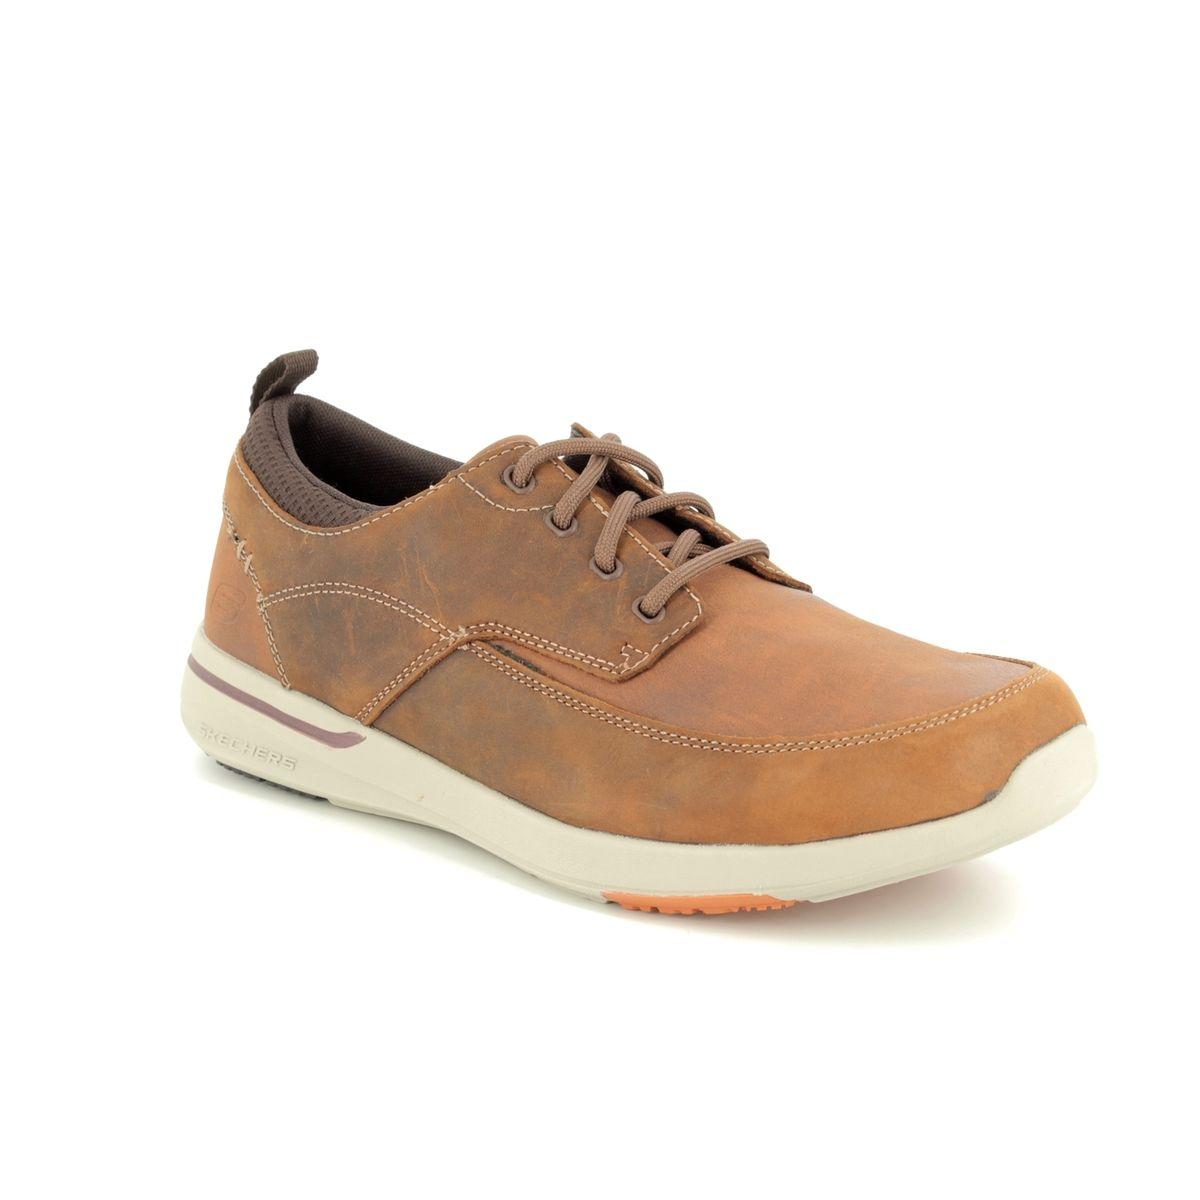 Elent At 65727 Shoesamp; Bags Begg Leven bf6v7yIYg